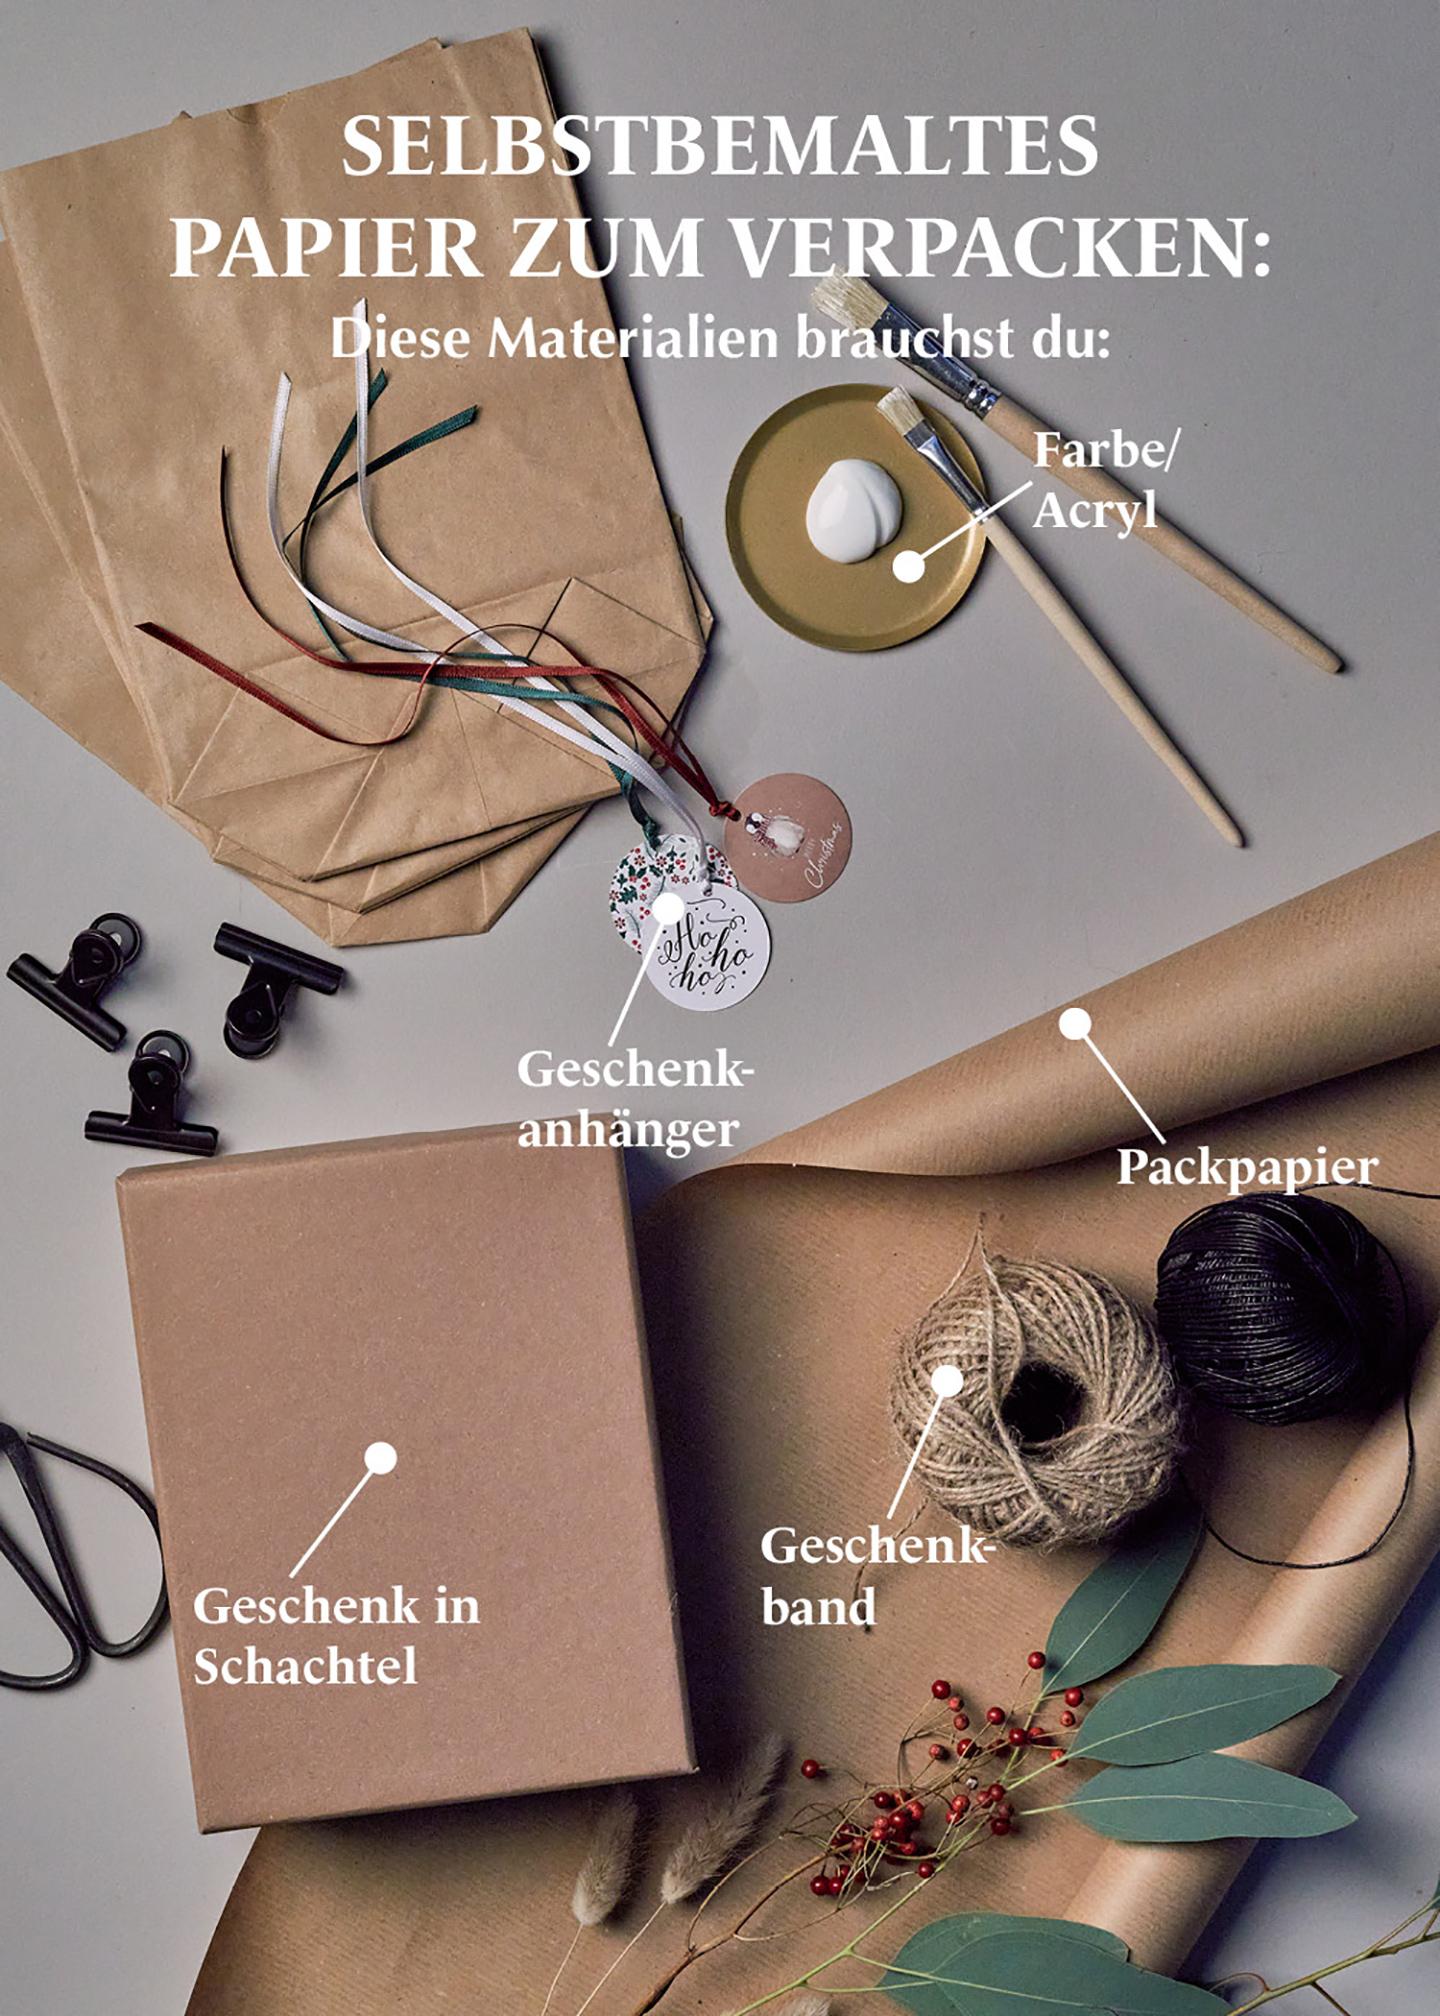 DIY Geschenkpapier selbstbemalen: Anleitung, Materialien erklärt